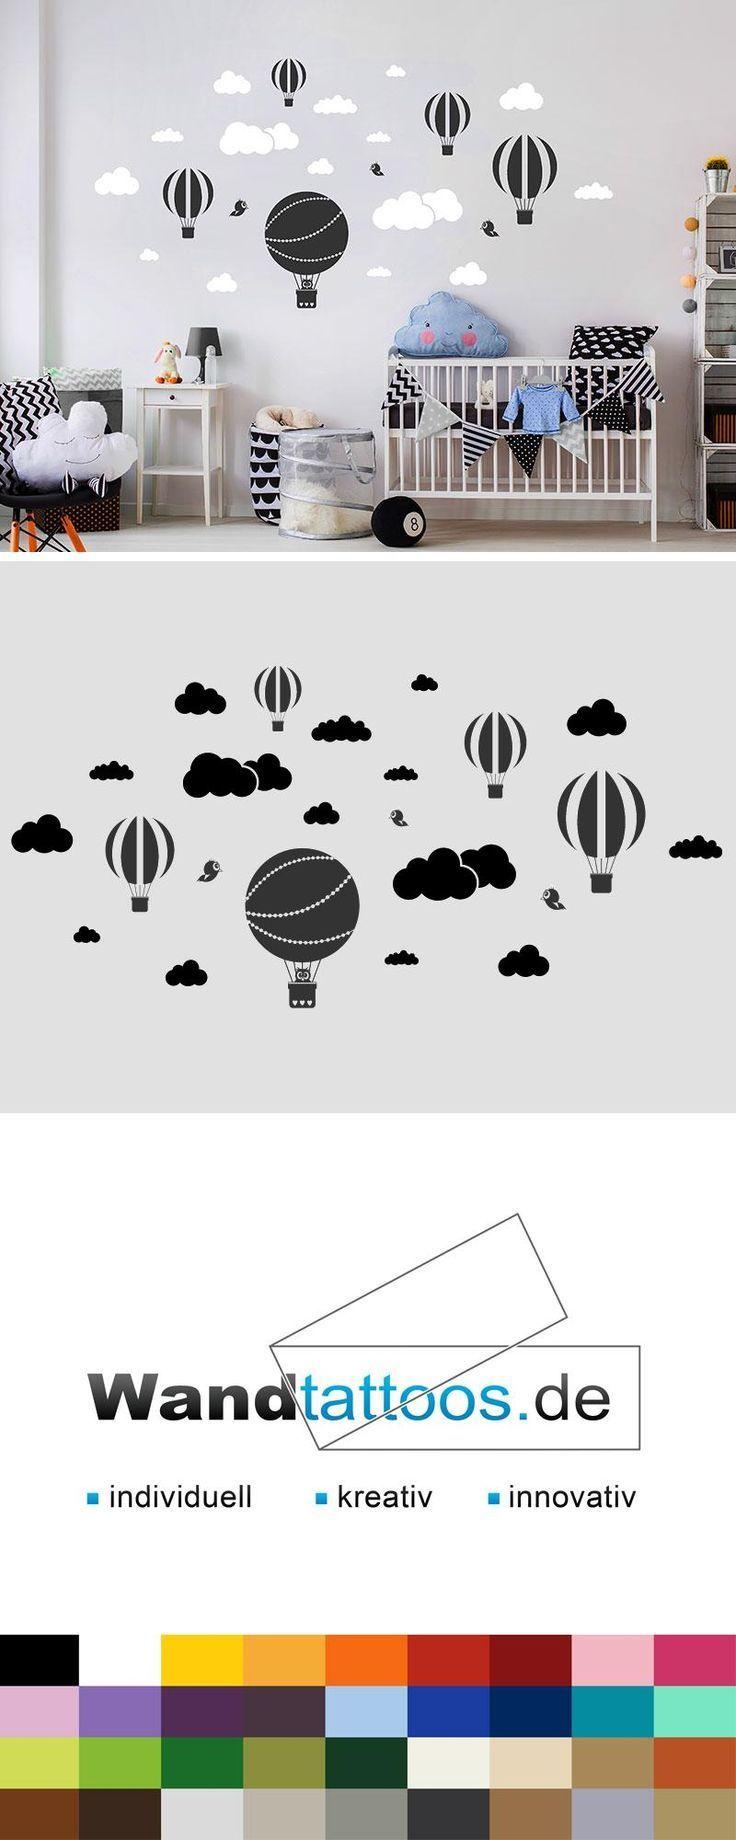 Wandtattoo Heißluftballons mit Wolken und Vögeln | Wandtattoos.de #wohnzimmerideenwandgestaltung